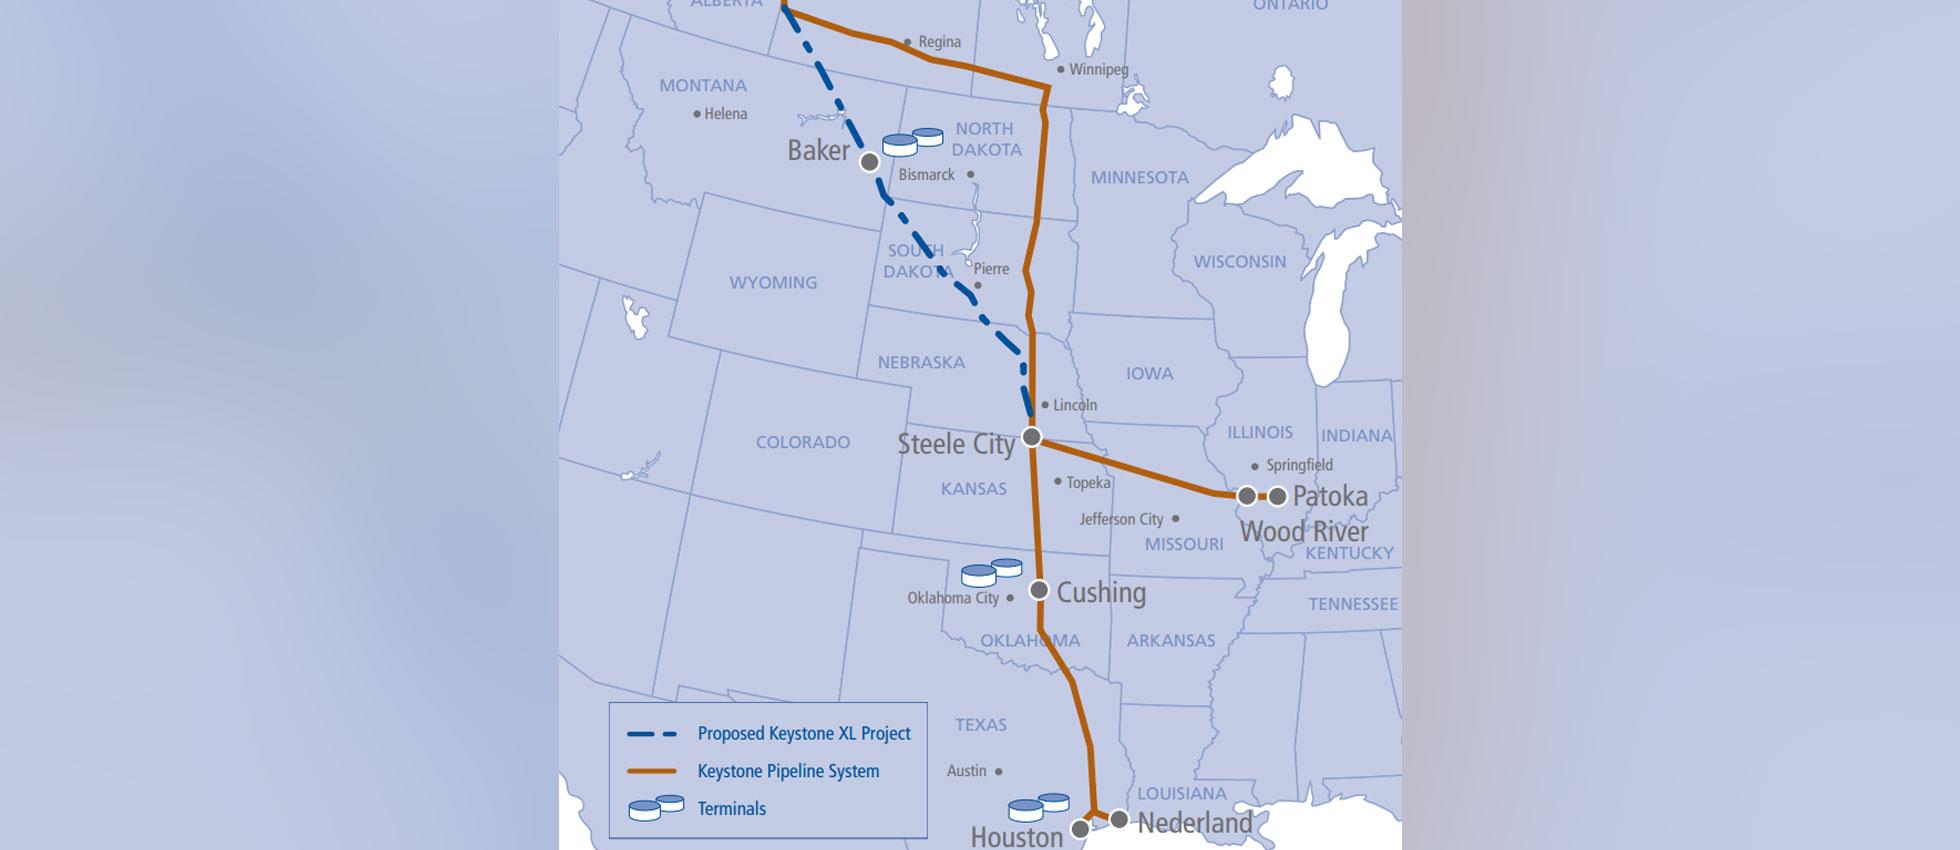 Keystone XL map from Transcanada